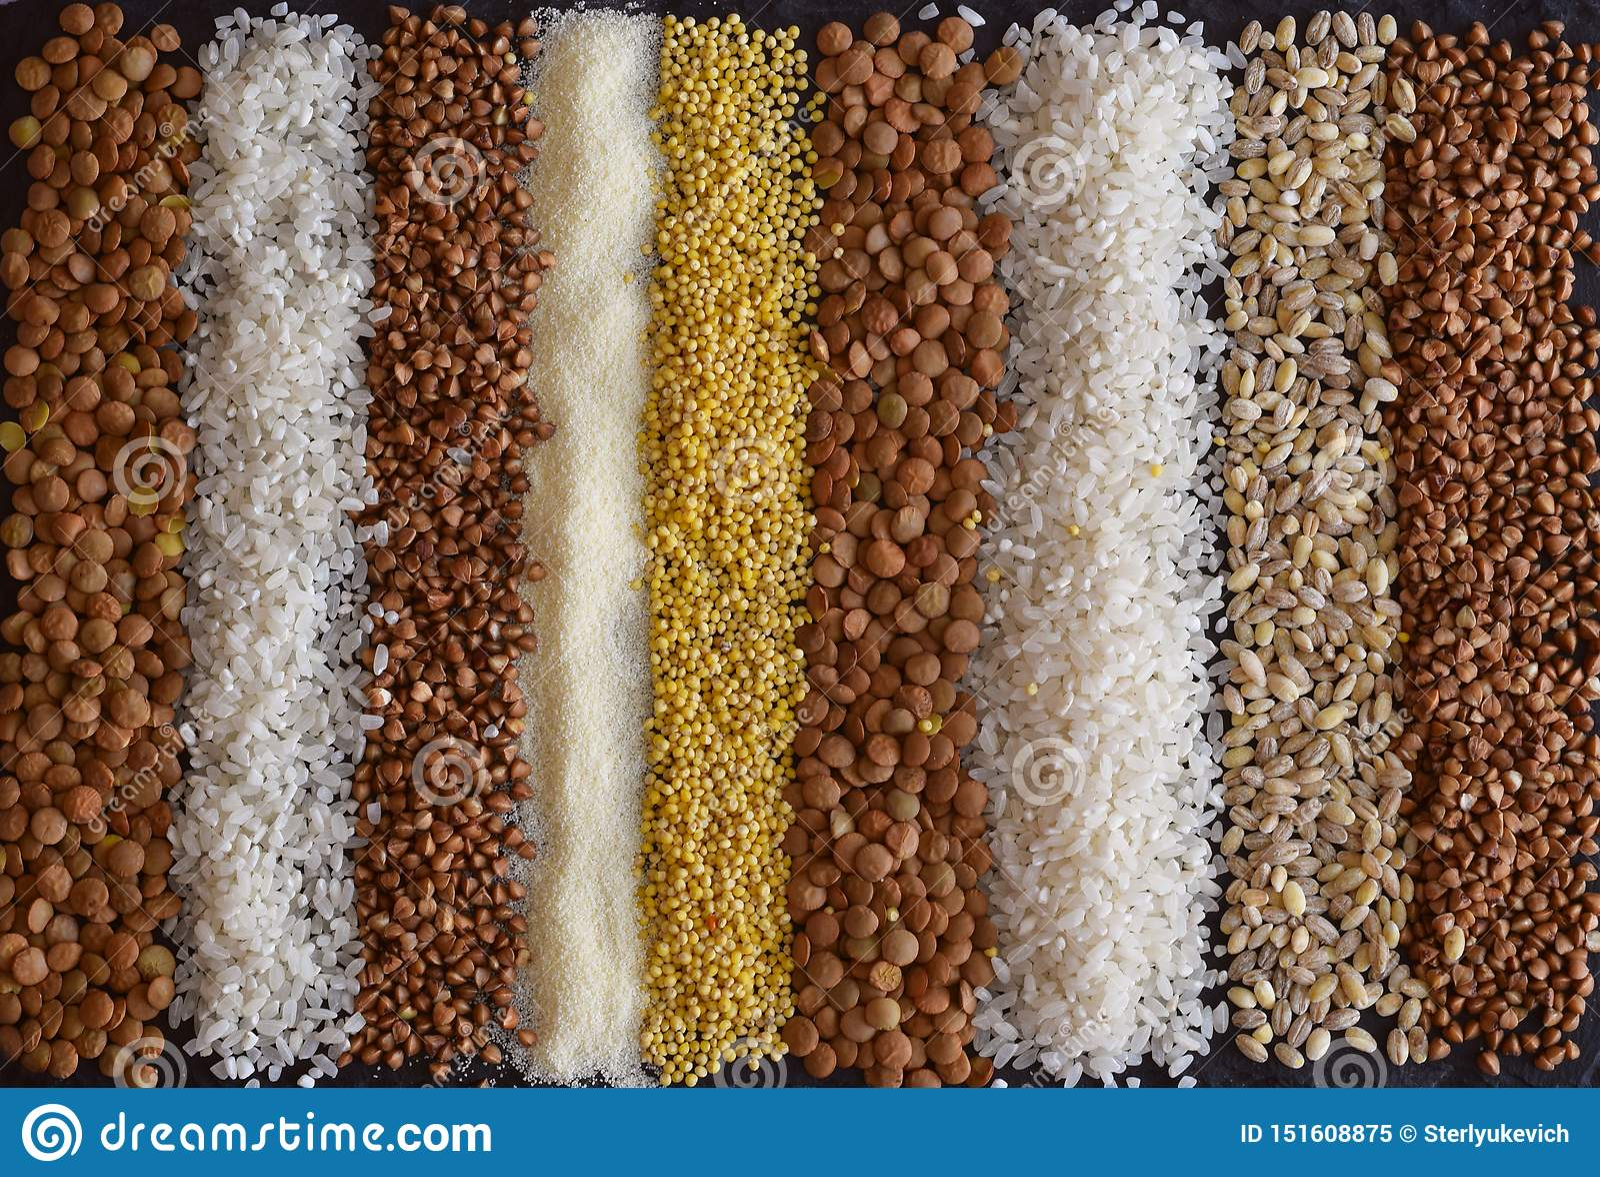 Mooie samenstelling van verschillende korrels op de lijst: boekweit, gierst, griesmeel, linzen, parelgort, rijst